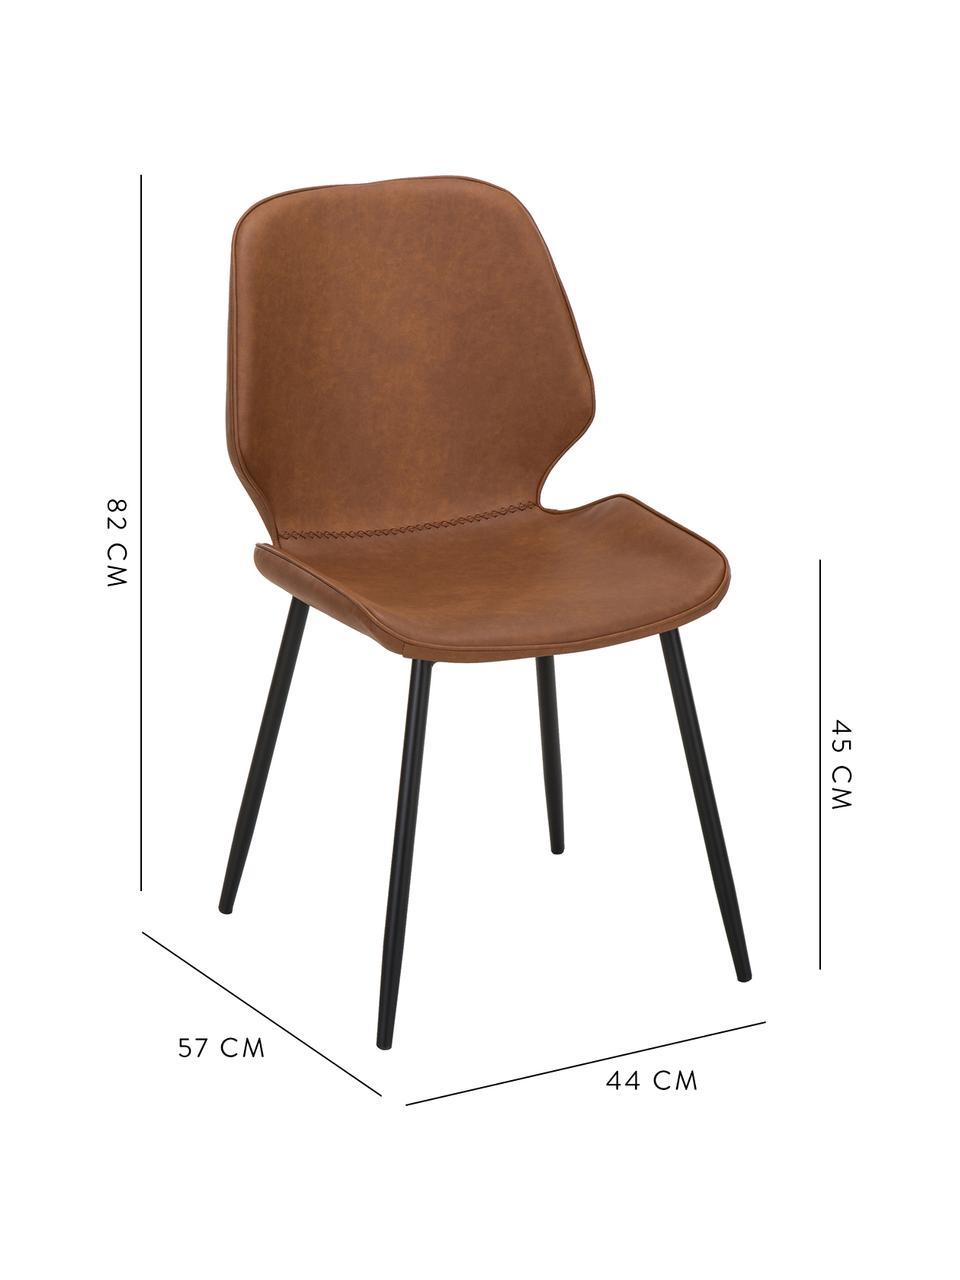 Krzesło tapicerowane ze sztucznej skóry  Louis, 2 szt., Tapicerka: sztuczna skóra (65% polie, Tapicerka: pianka, Nogi: metal malowany proszkowo, Tapicerka: koniakowy Nogi: czarny, matowy, S 44 x G 57 cm